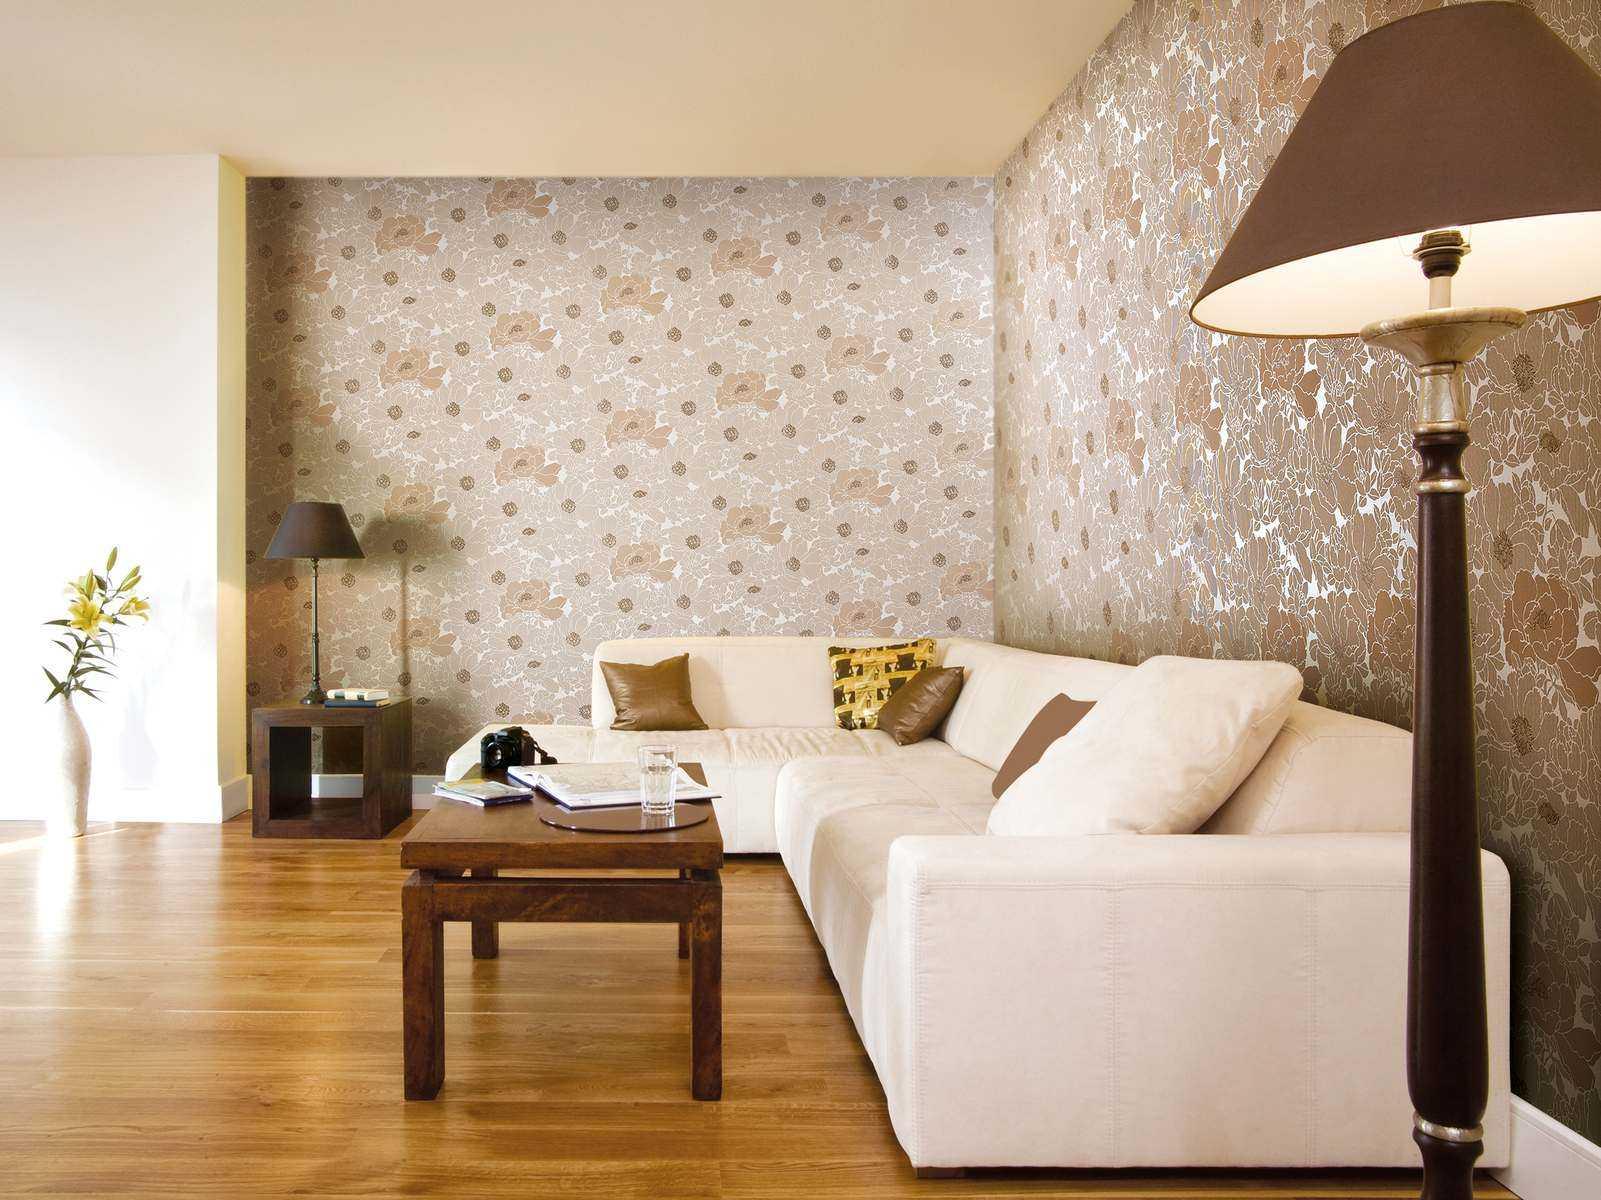 Обои в гостиную (+150 фото) дизайнов современных интерьеров. идеи комбинирования.